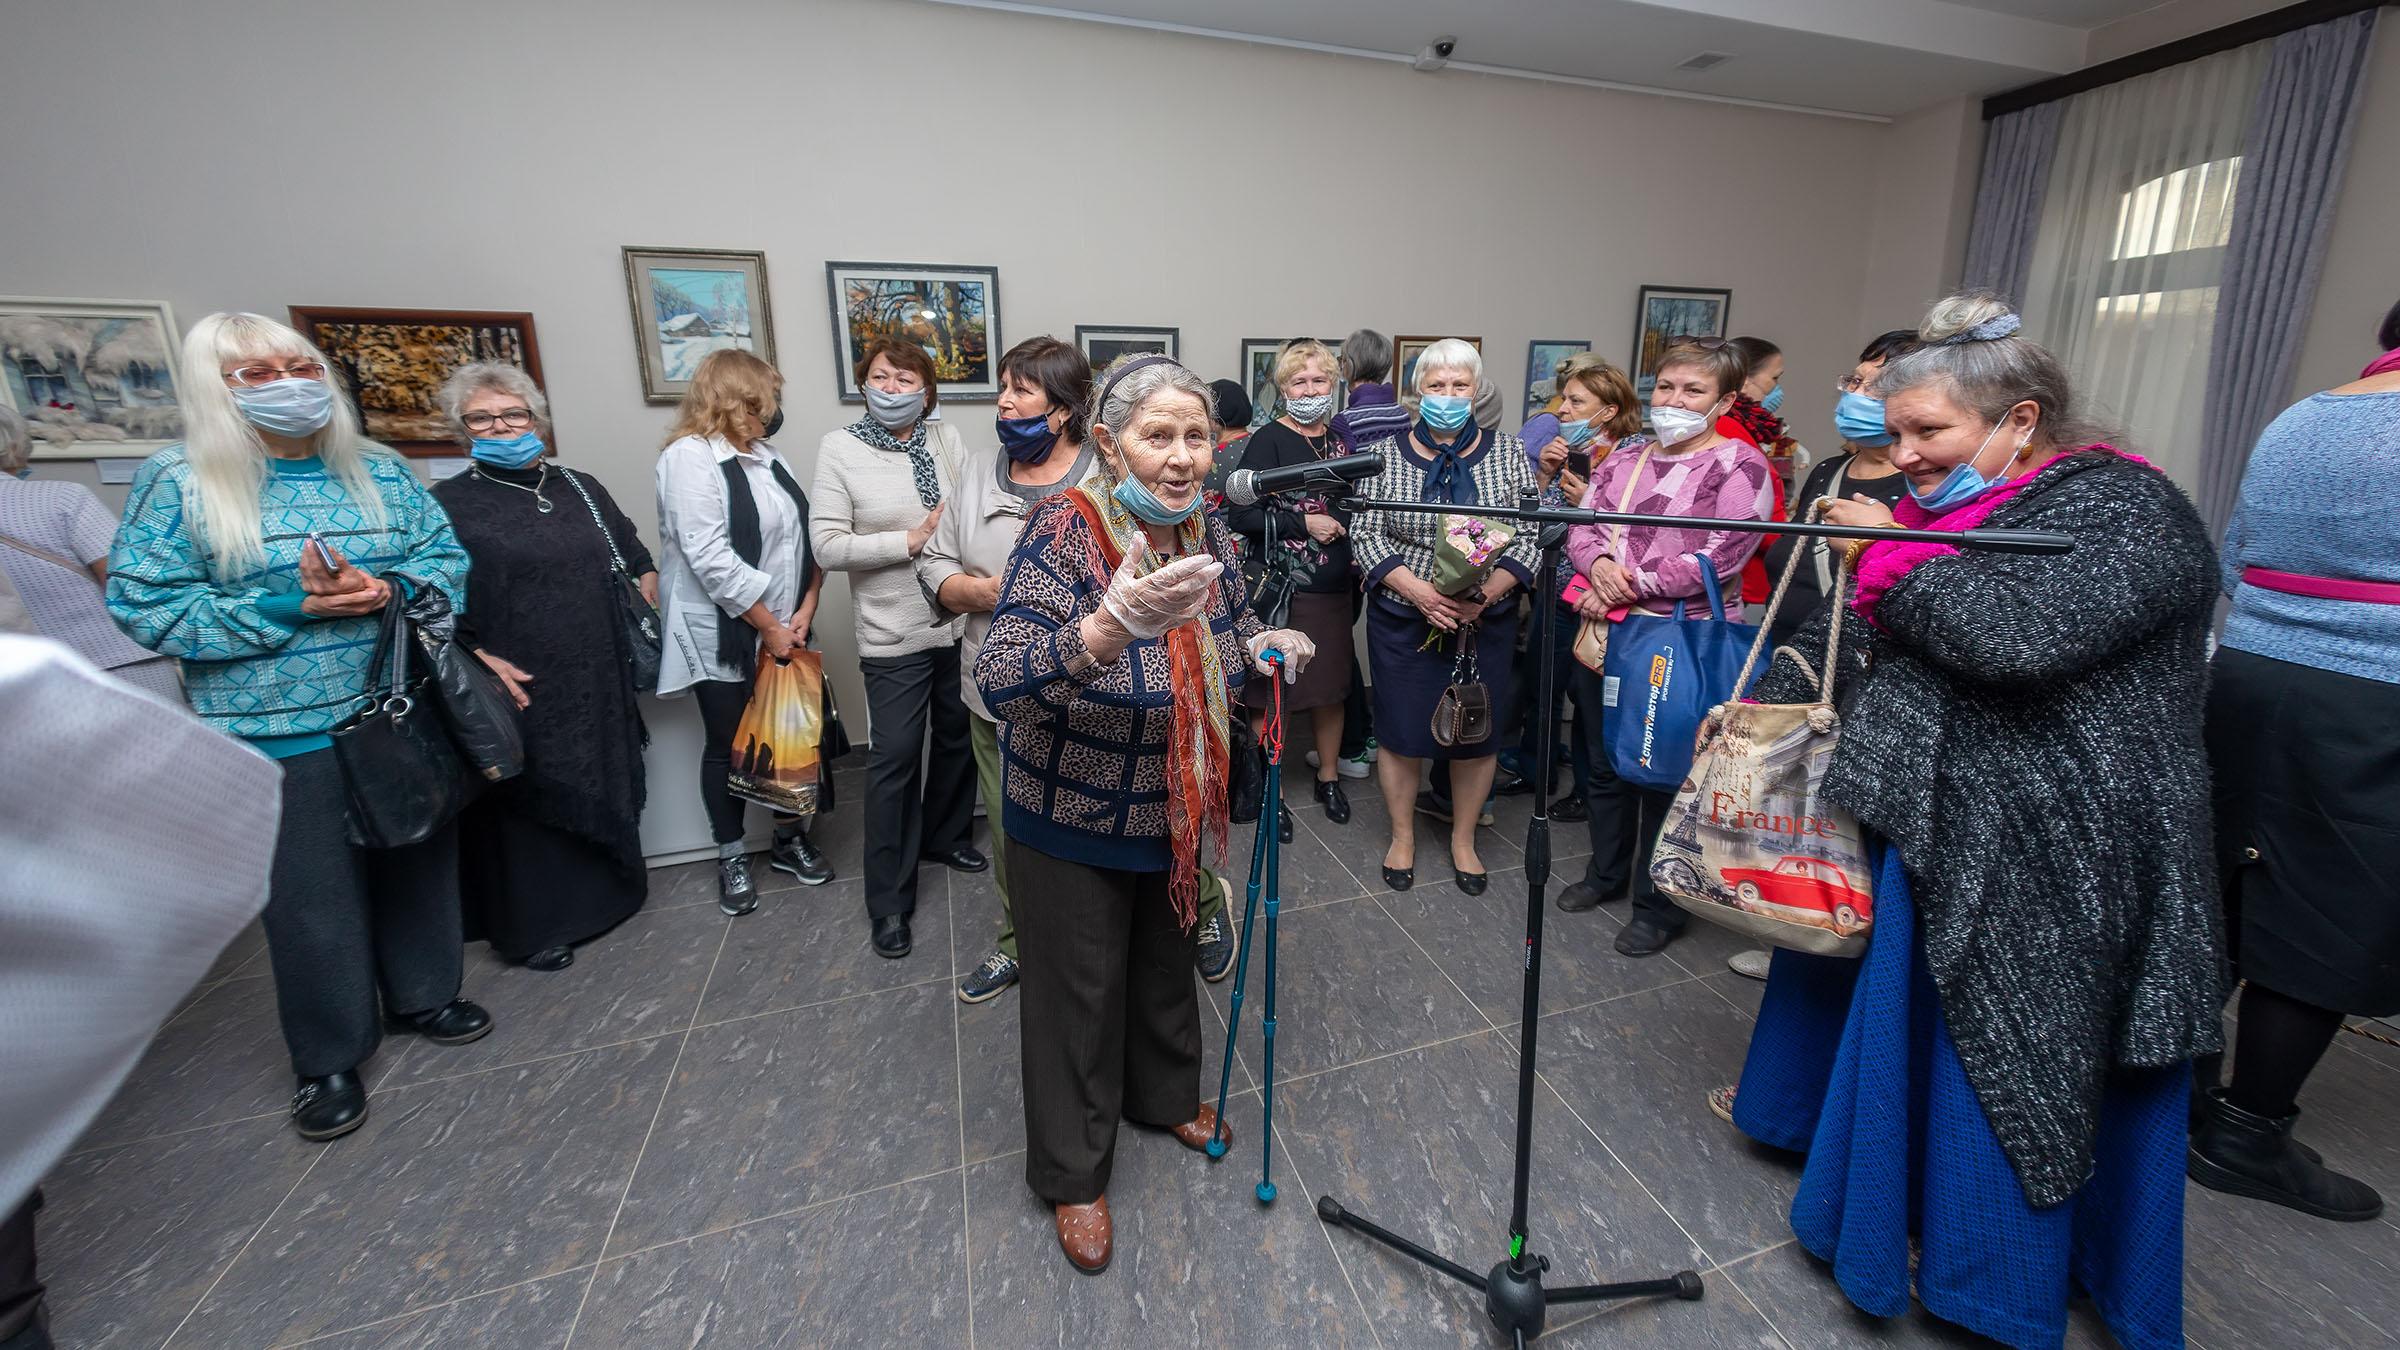 Открытие выставки Елены Шмелевой «Мечты, сплетенные в судьбу»::Елена Шмелева «Мечты, сплетенные в судьбу»